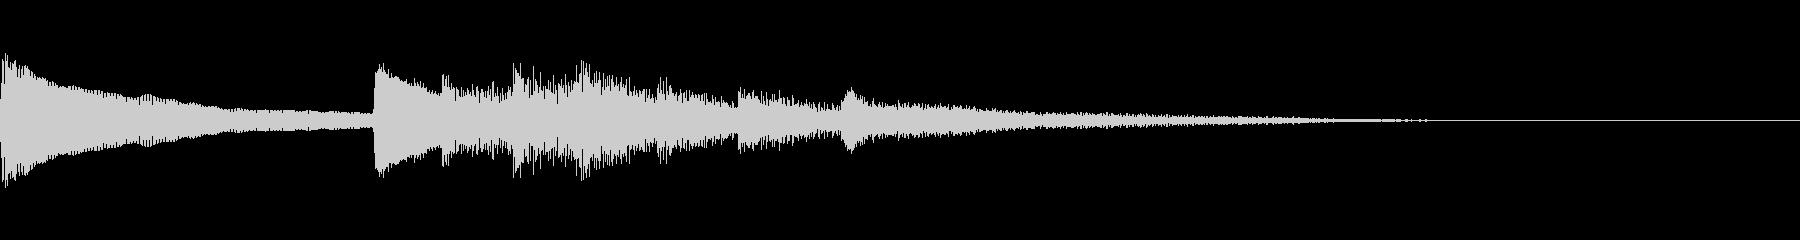 正月!琴!一番有名な曲のジングル版1の未再生の波形